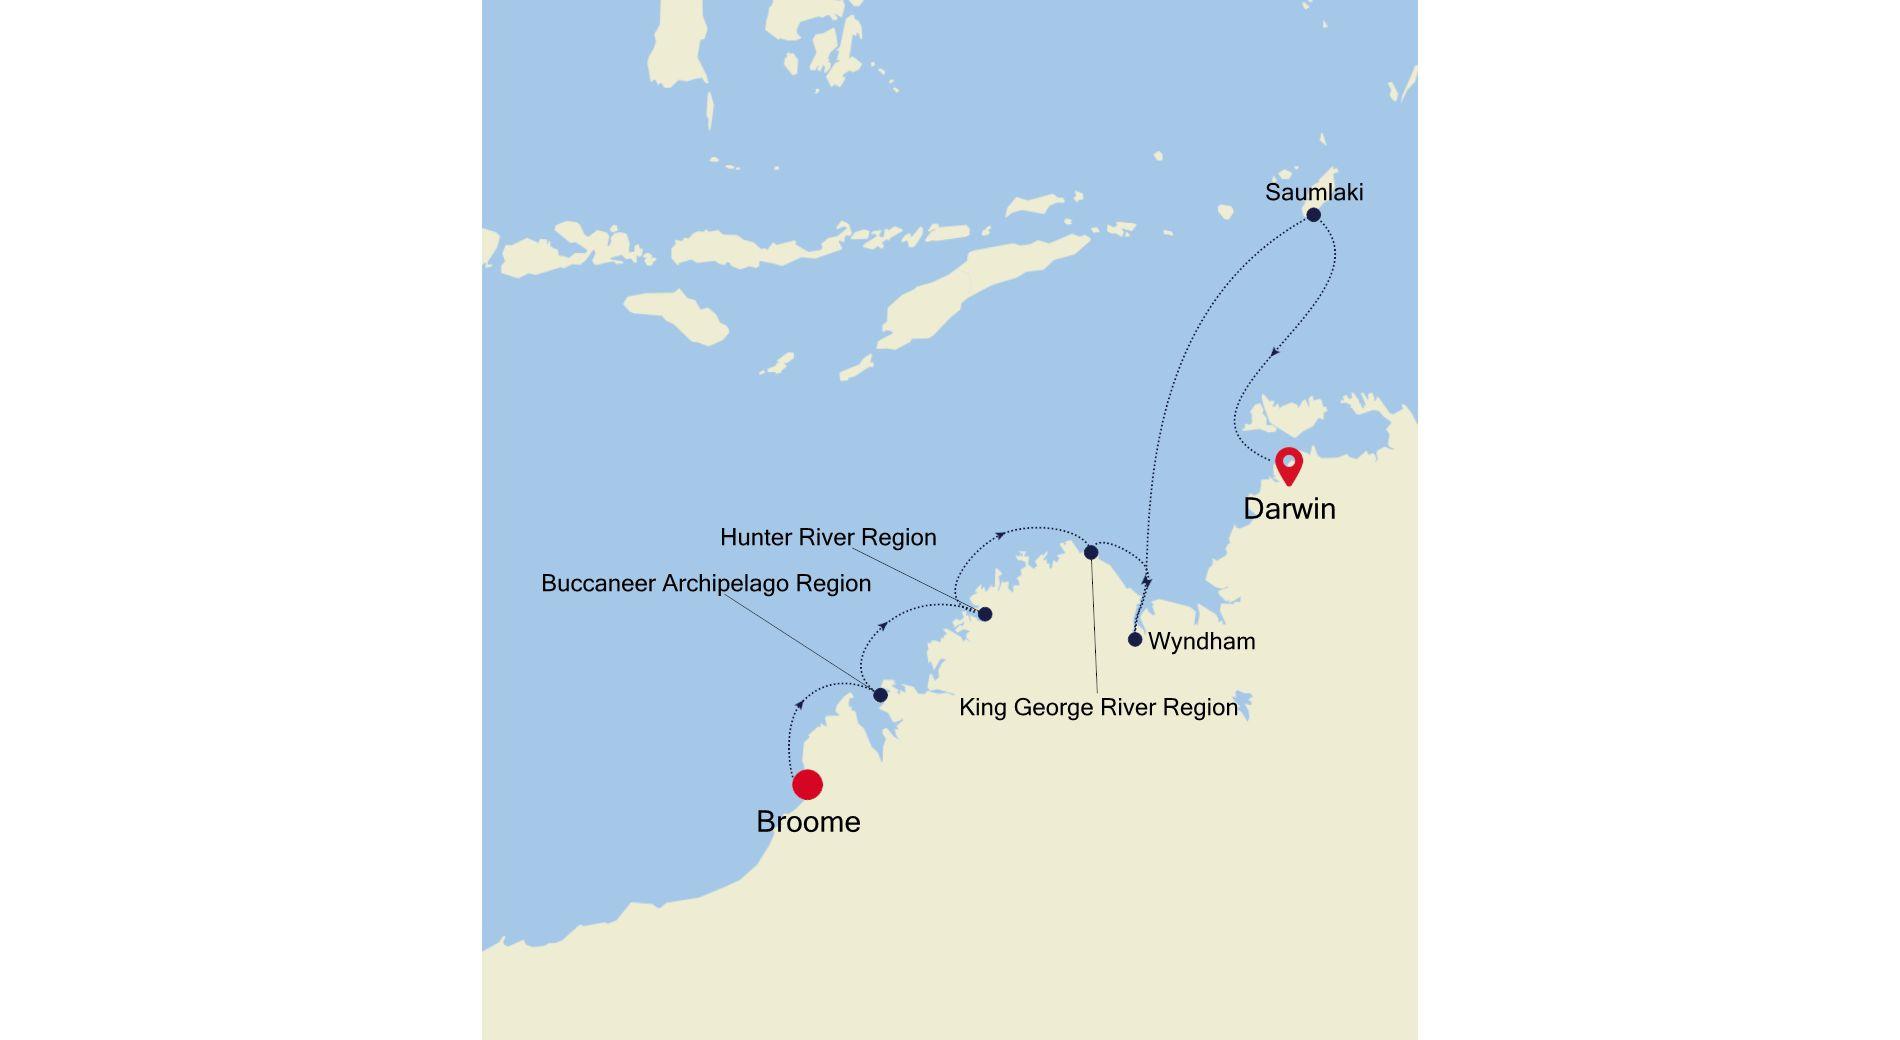 9912 - Broome nach Darwin